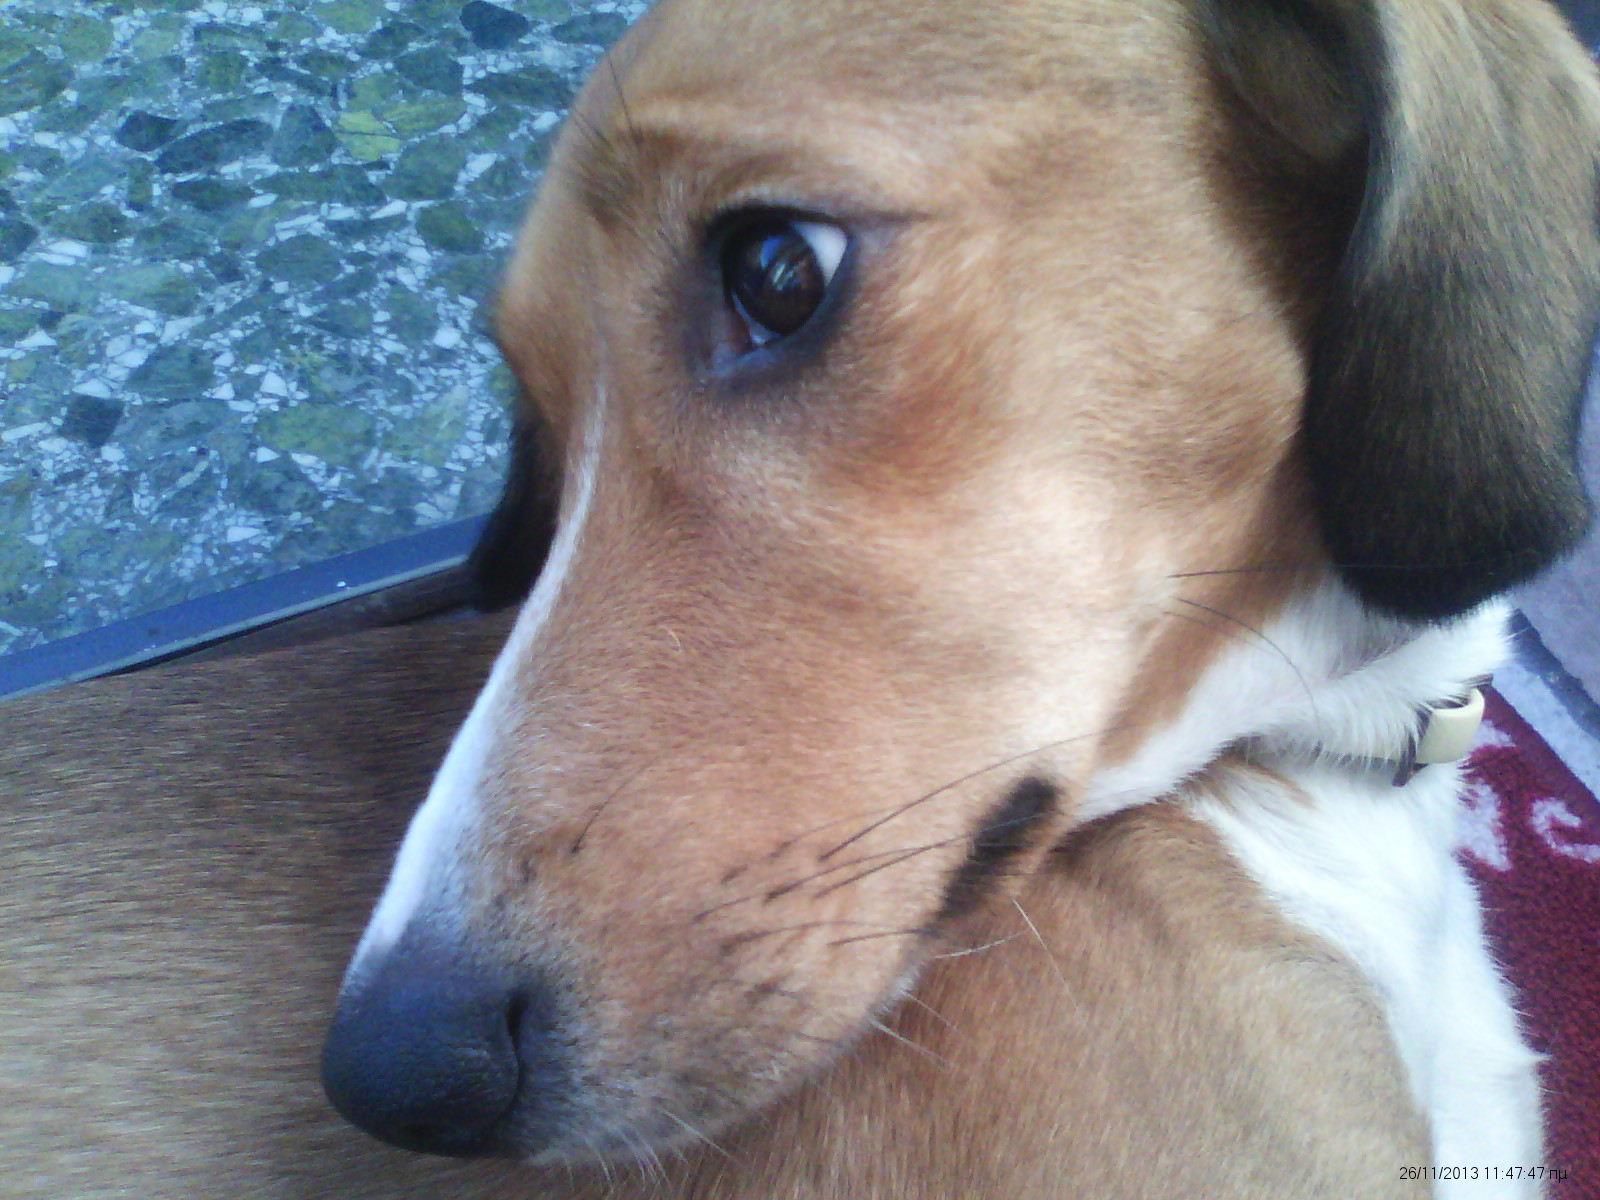 Γιατί τα σκυλιά έχουν μουστάκια;